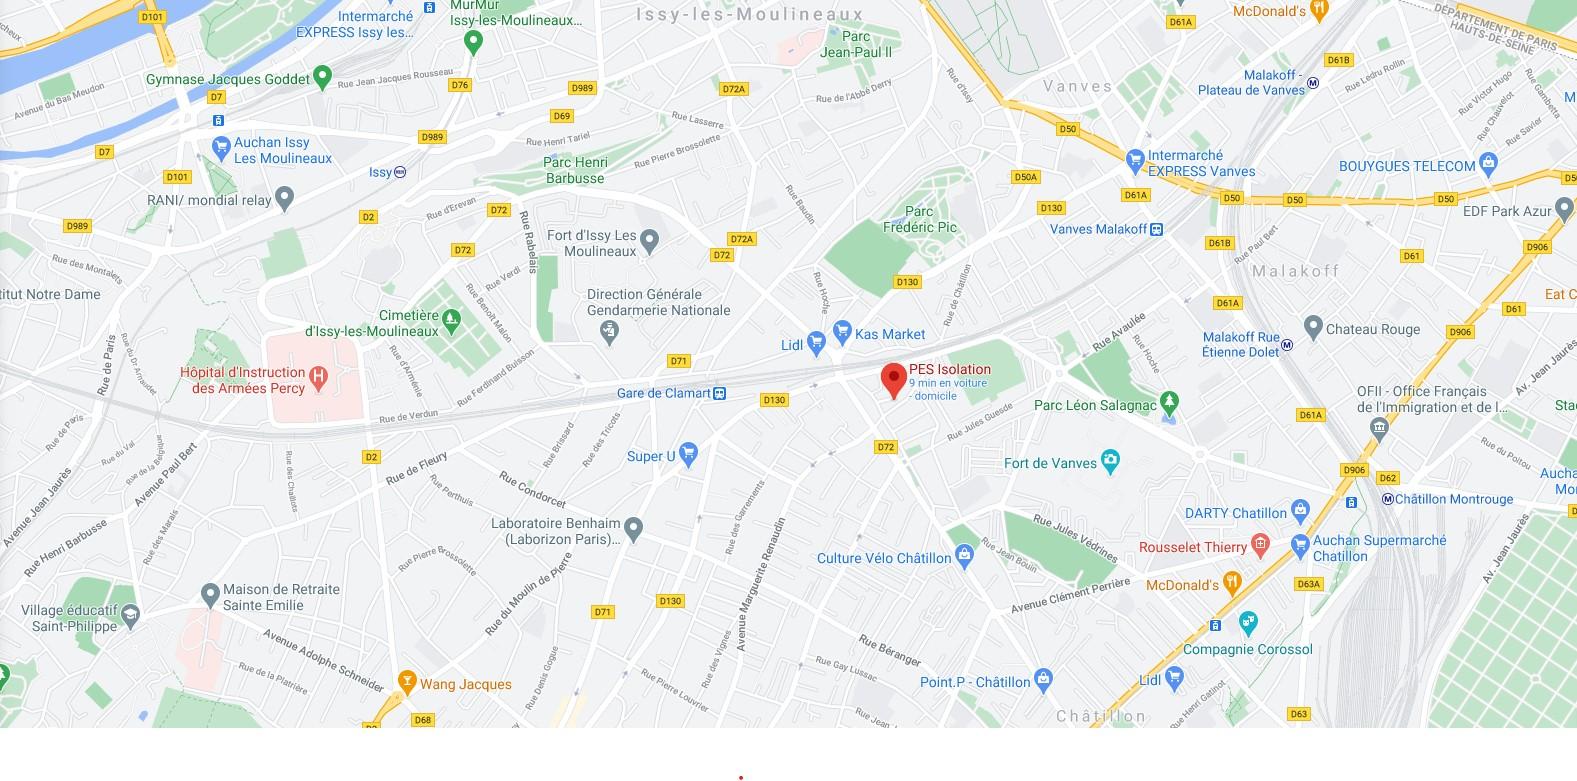 27 Allée Jacques Brel, 92240 Malakoff